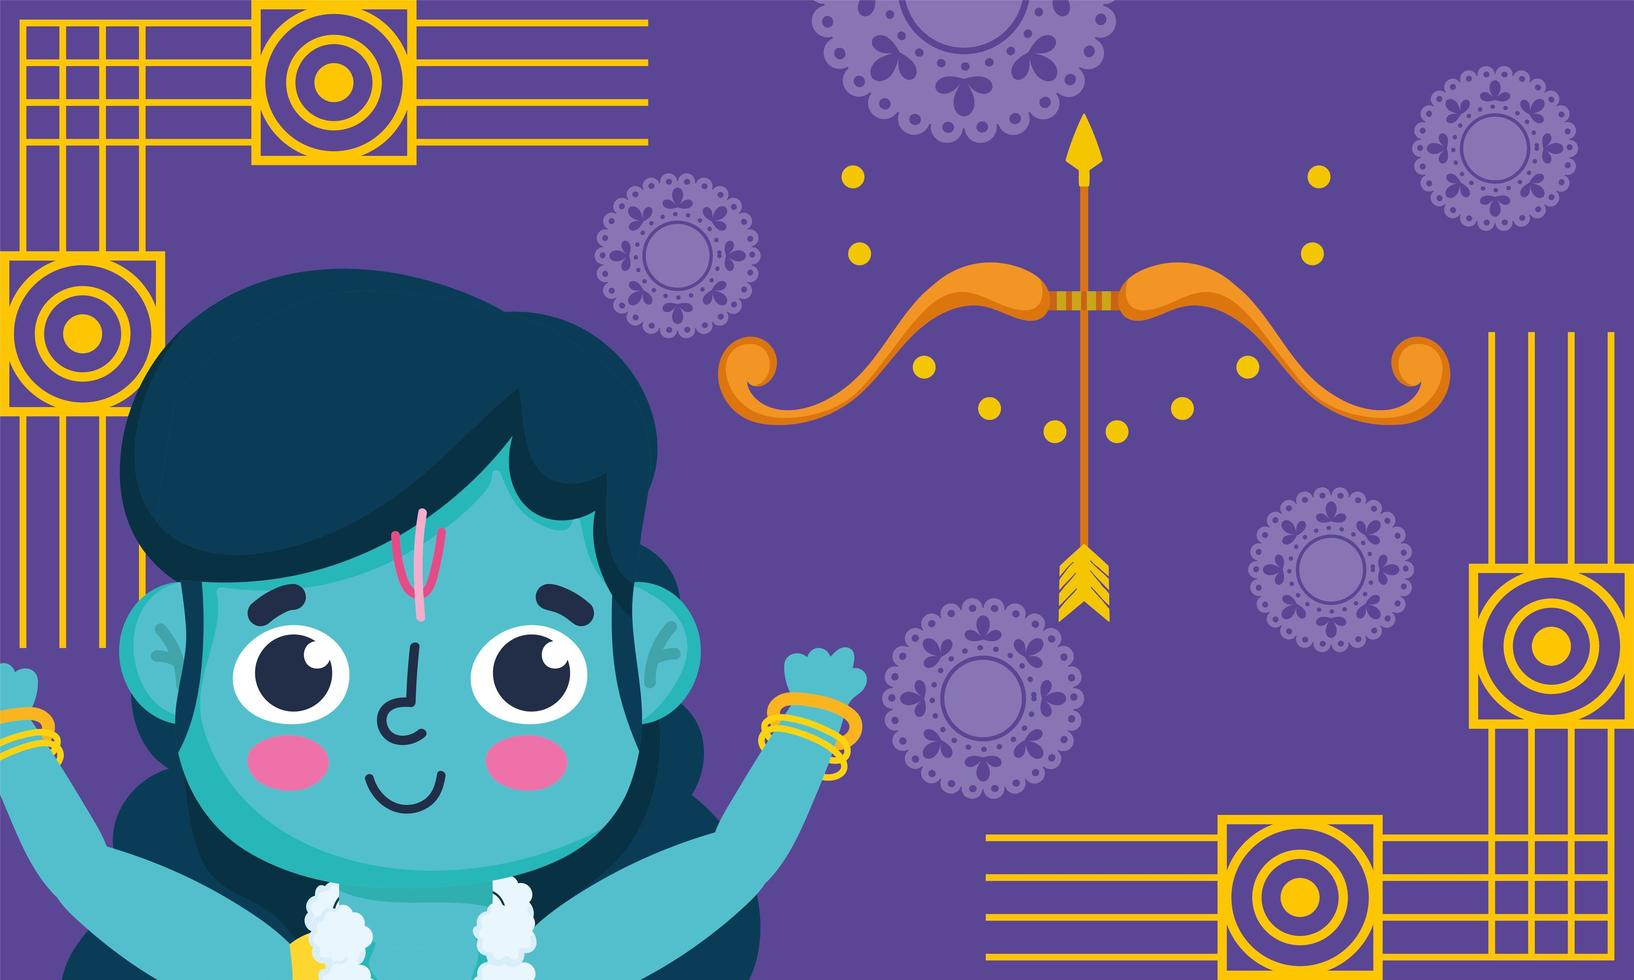 gelukkig dussehra-festival van india, heer rama cartoon vector